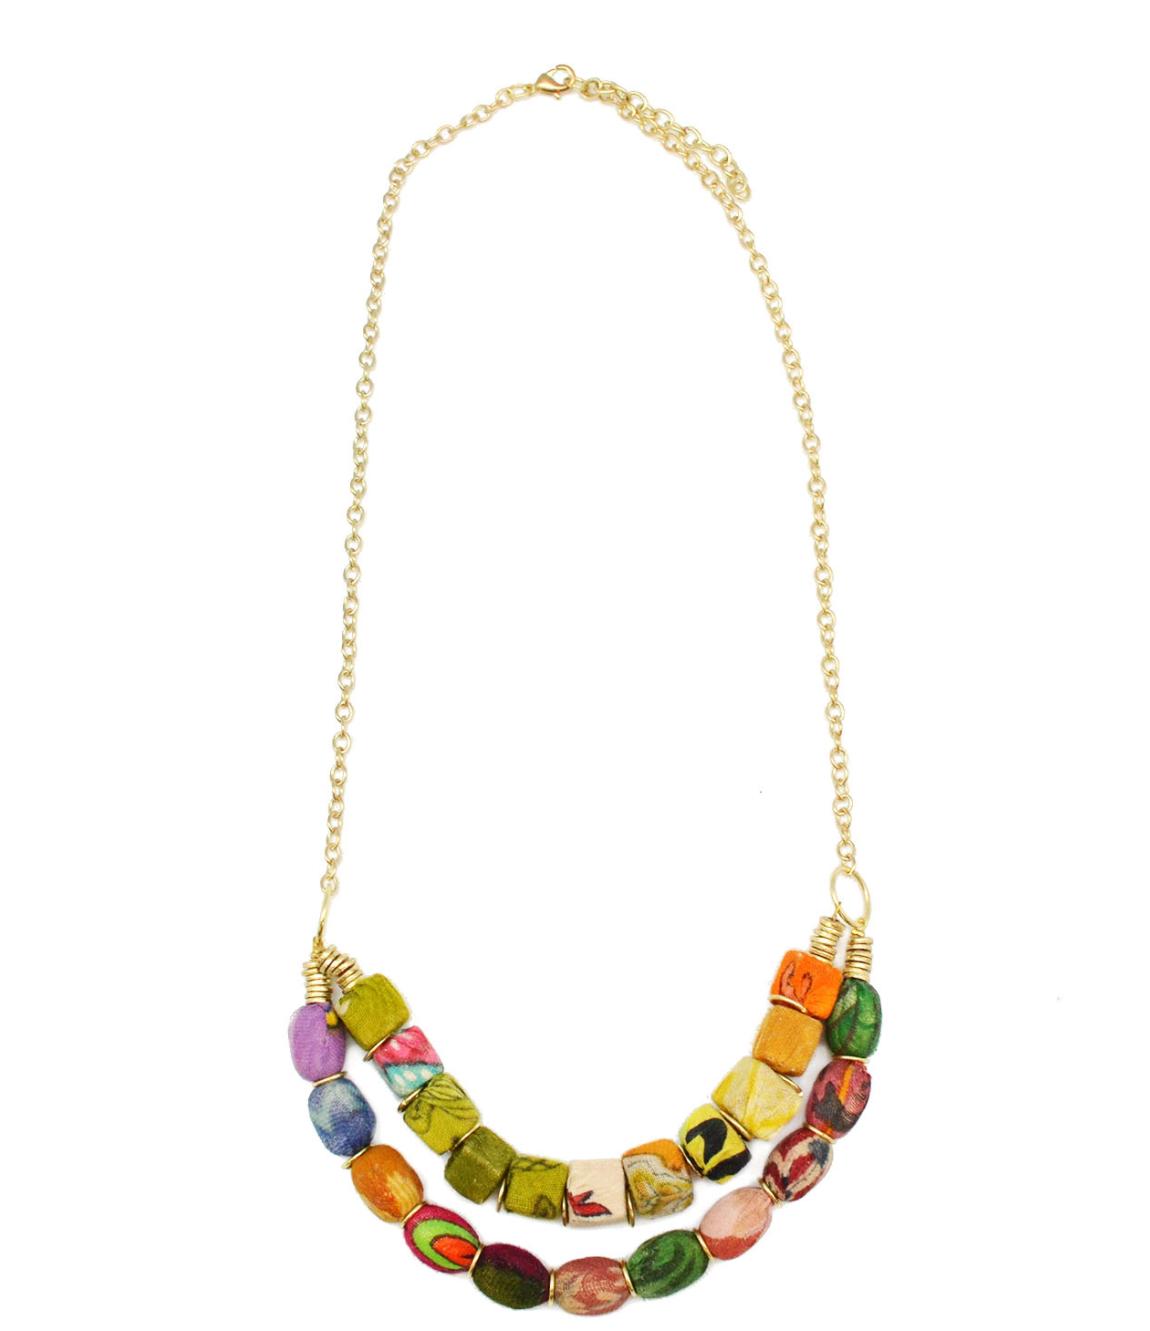 N5035 Aasha Necklace